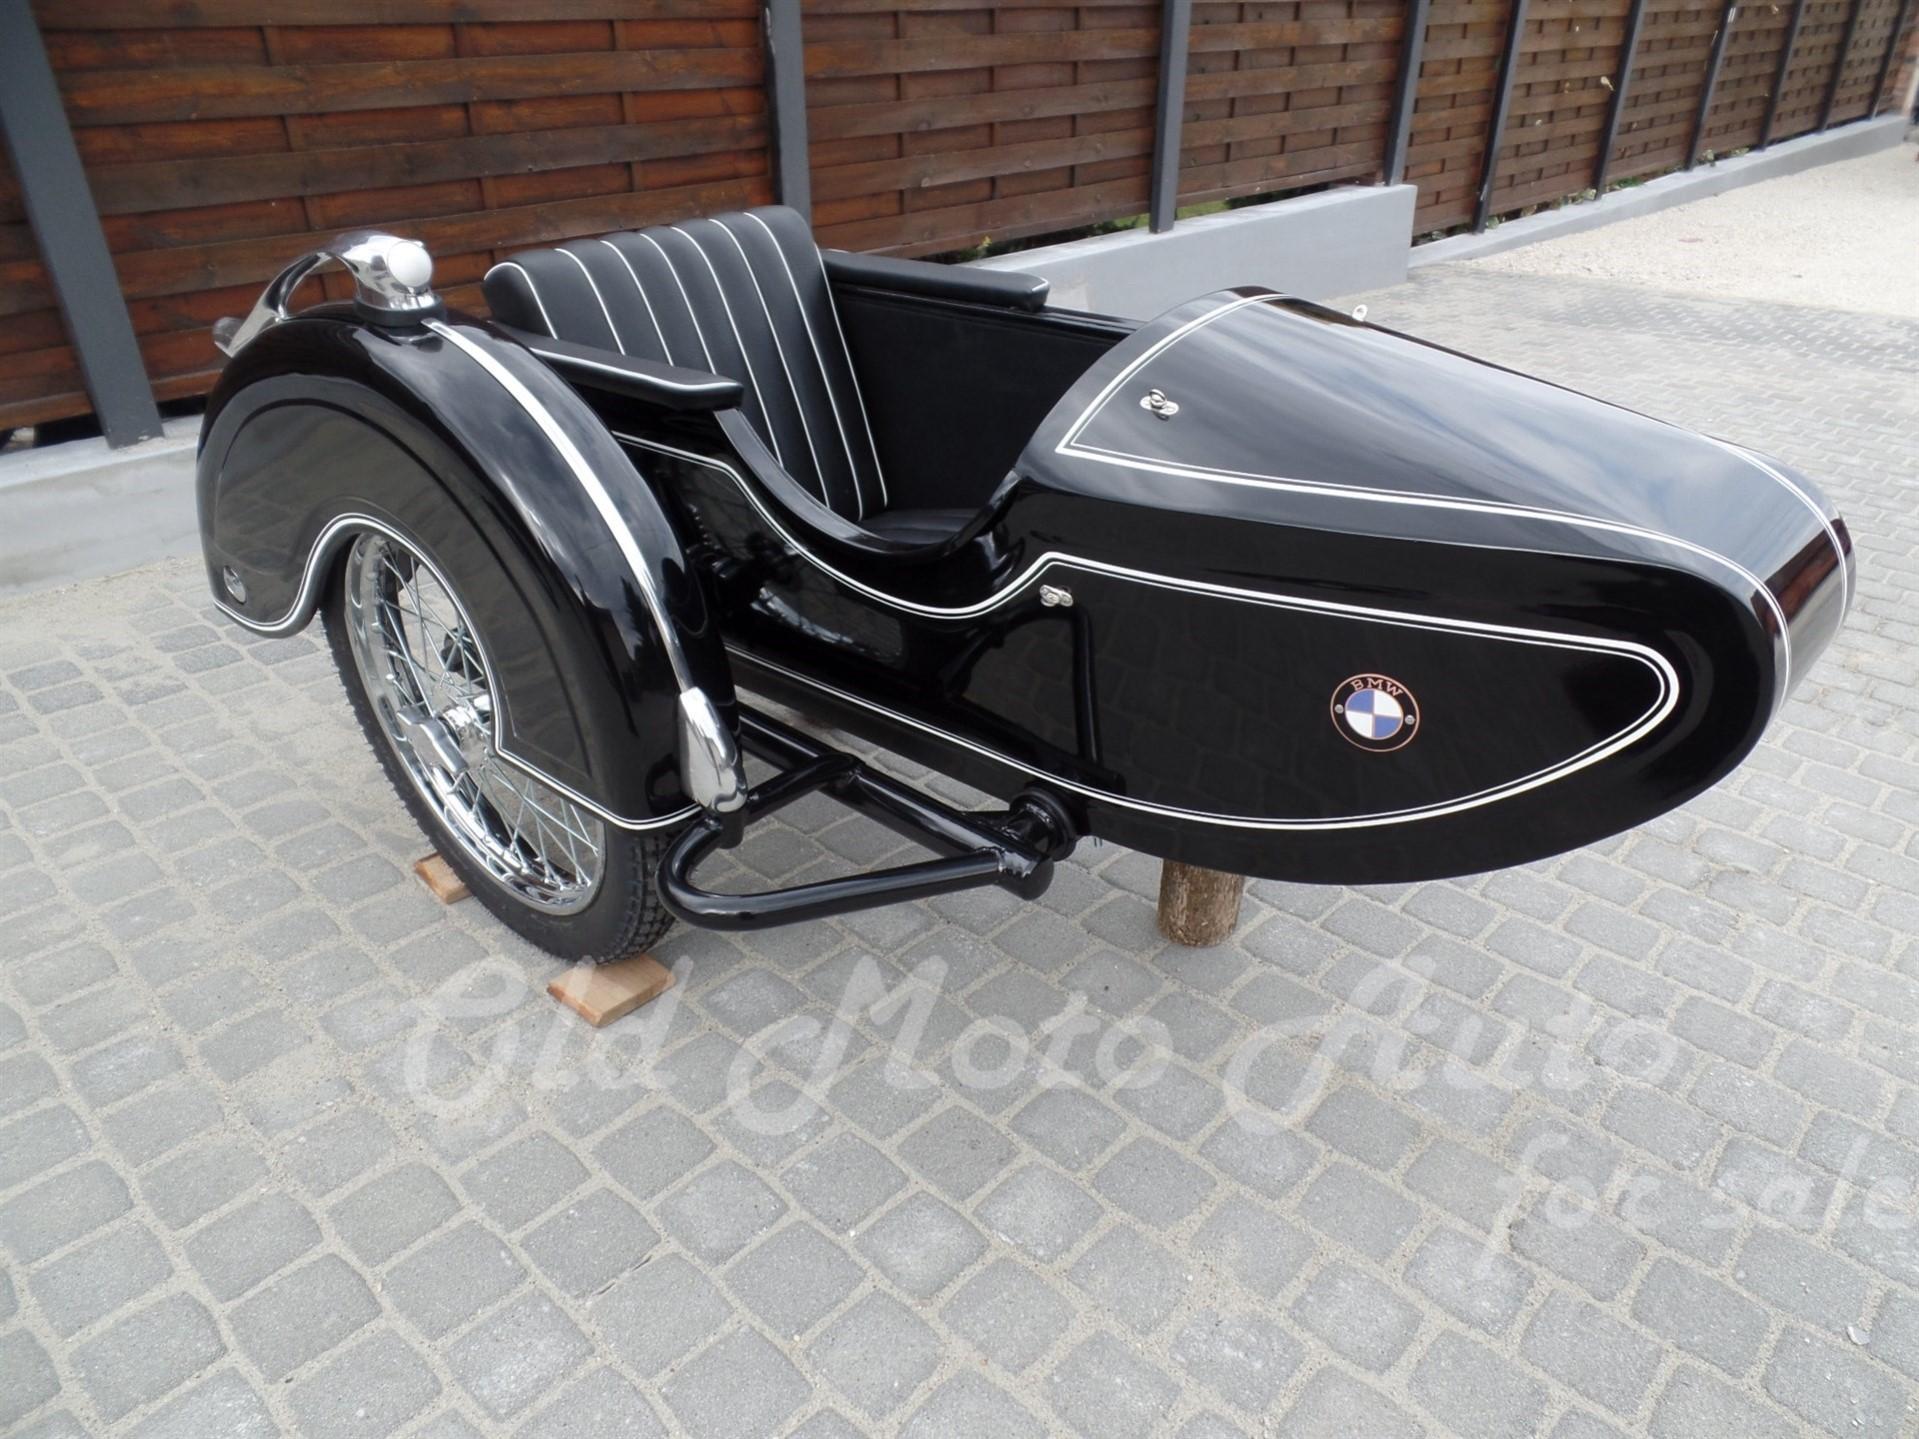 Steib TR 500 Sidecar